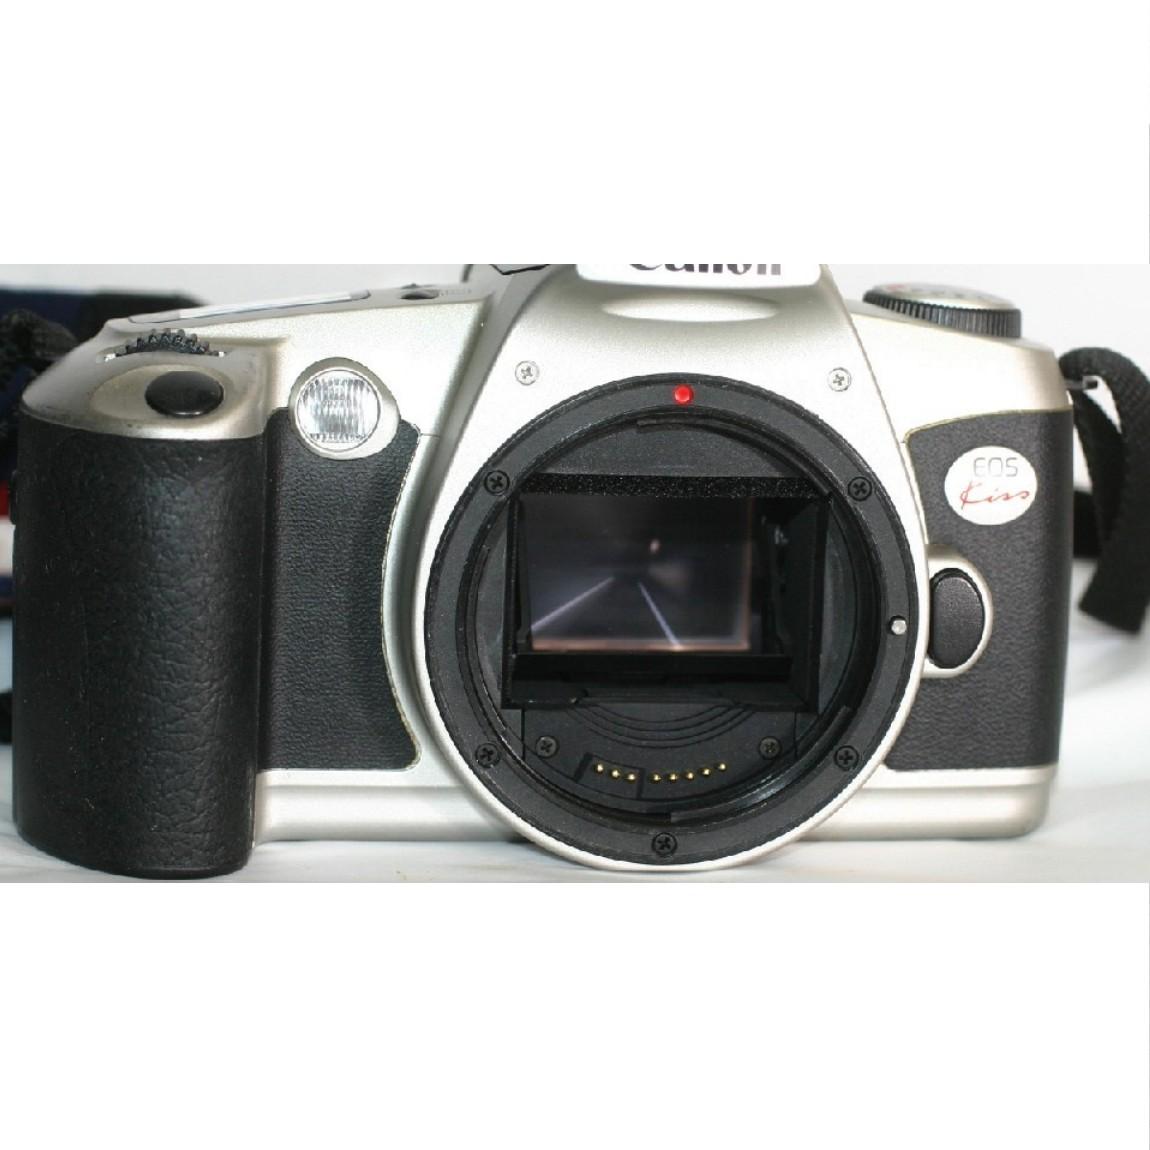 【中古】完動美品キャノンの35mmフィルム使用1眼レフAFカメラEOS KISSシルバーボディ ○F13-22-1